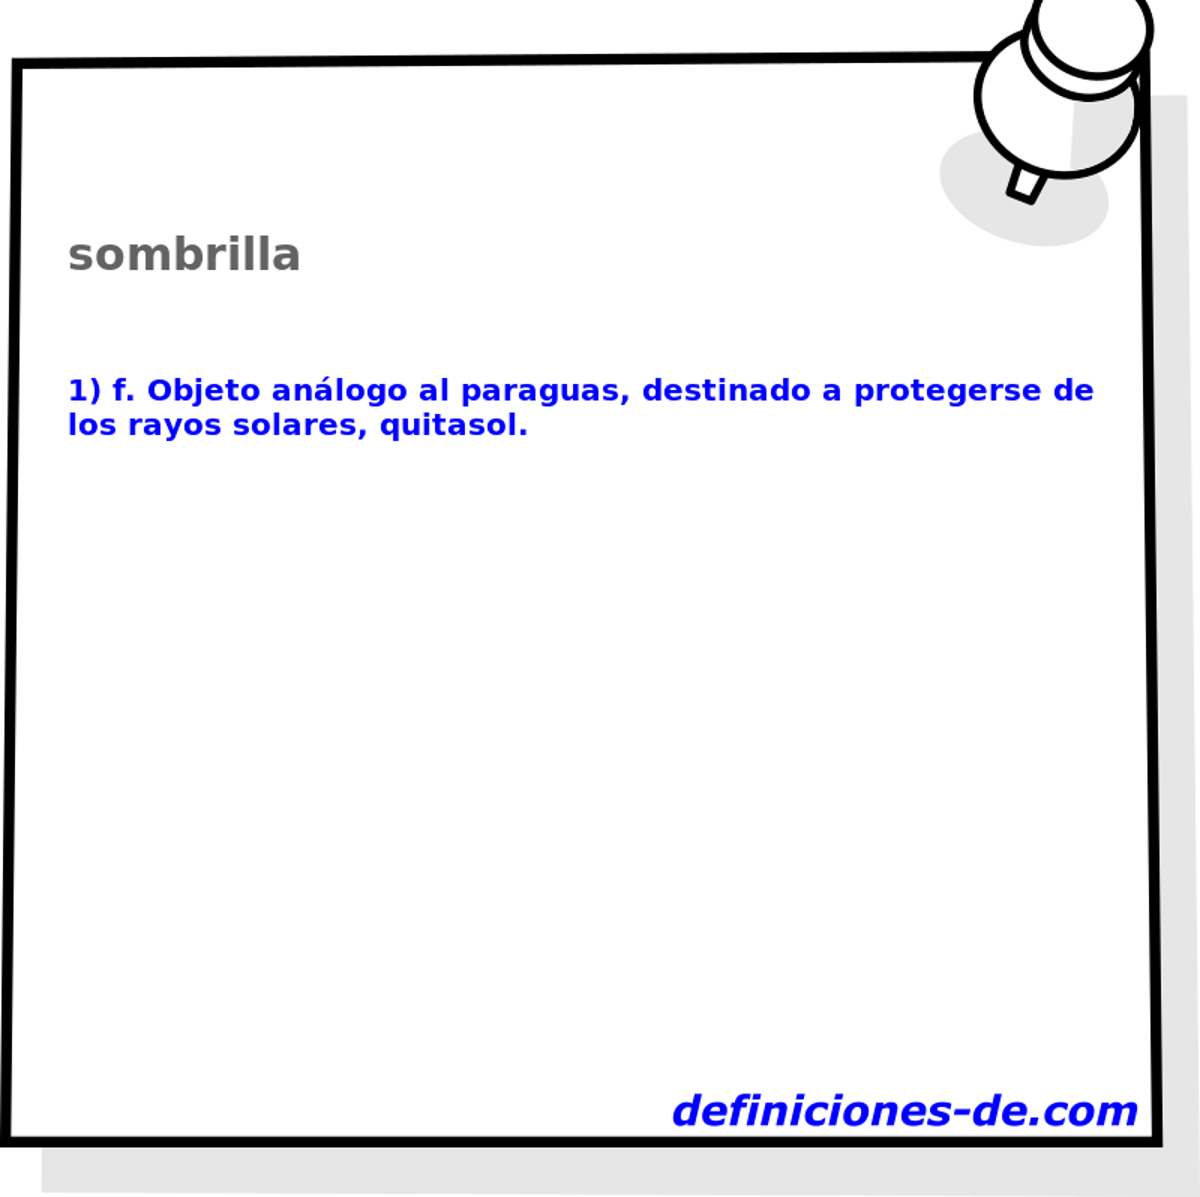 Qué significa Sombrilla?